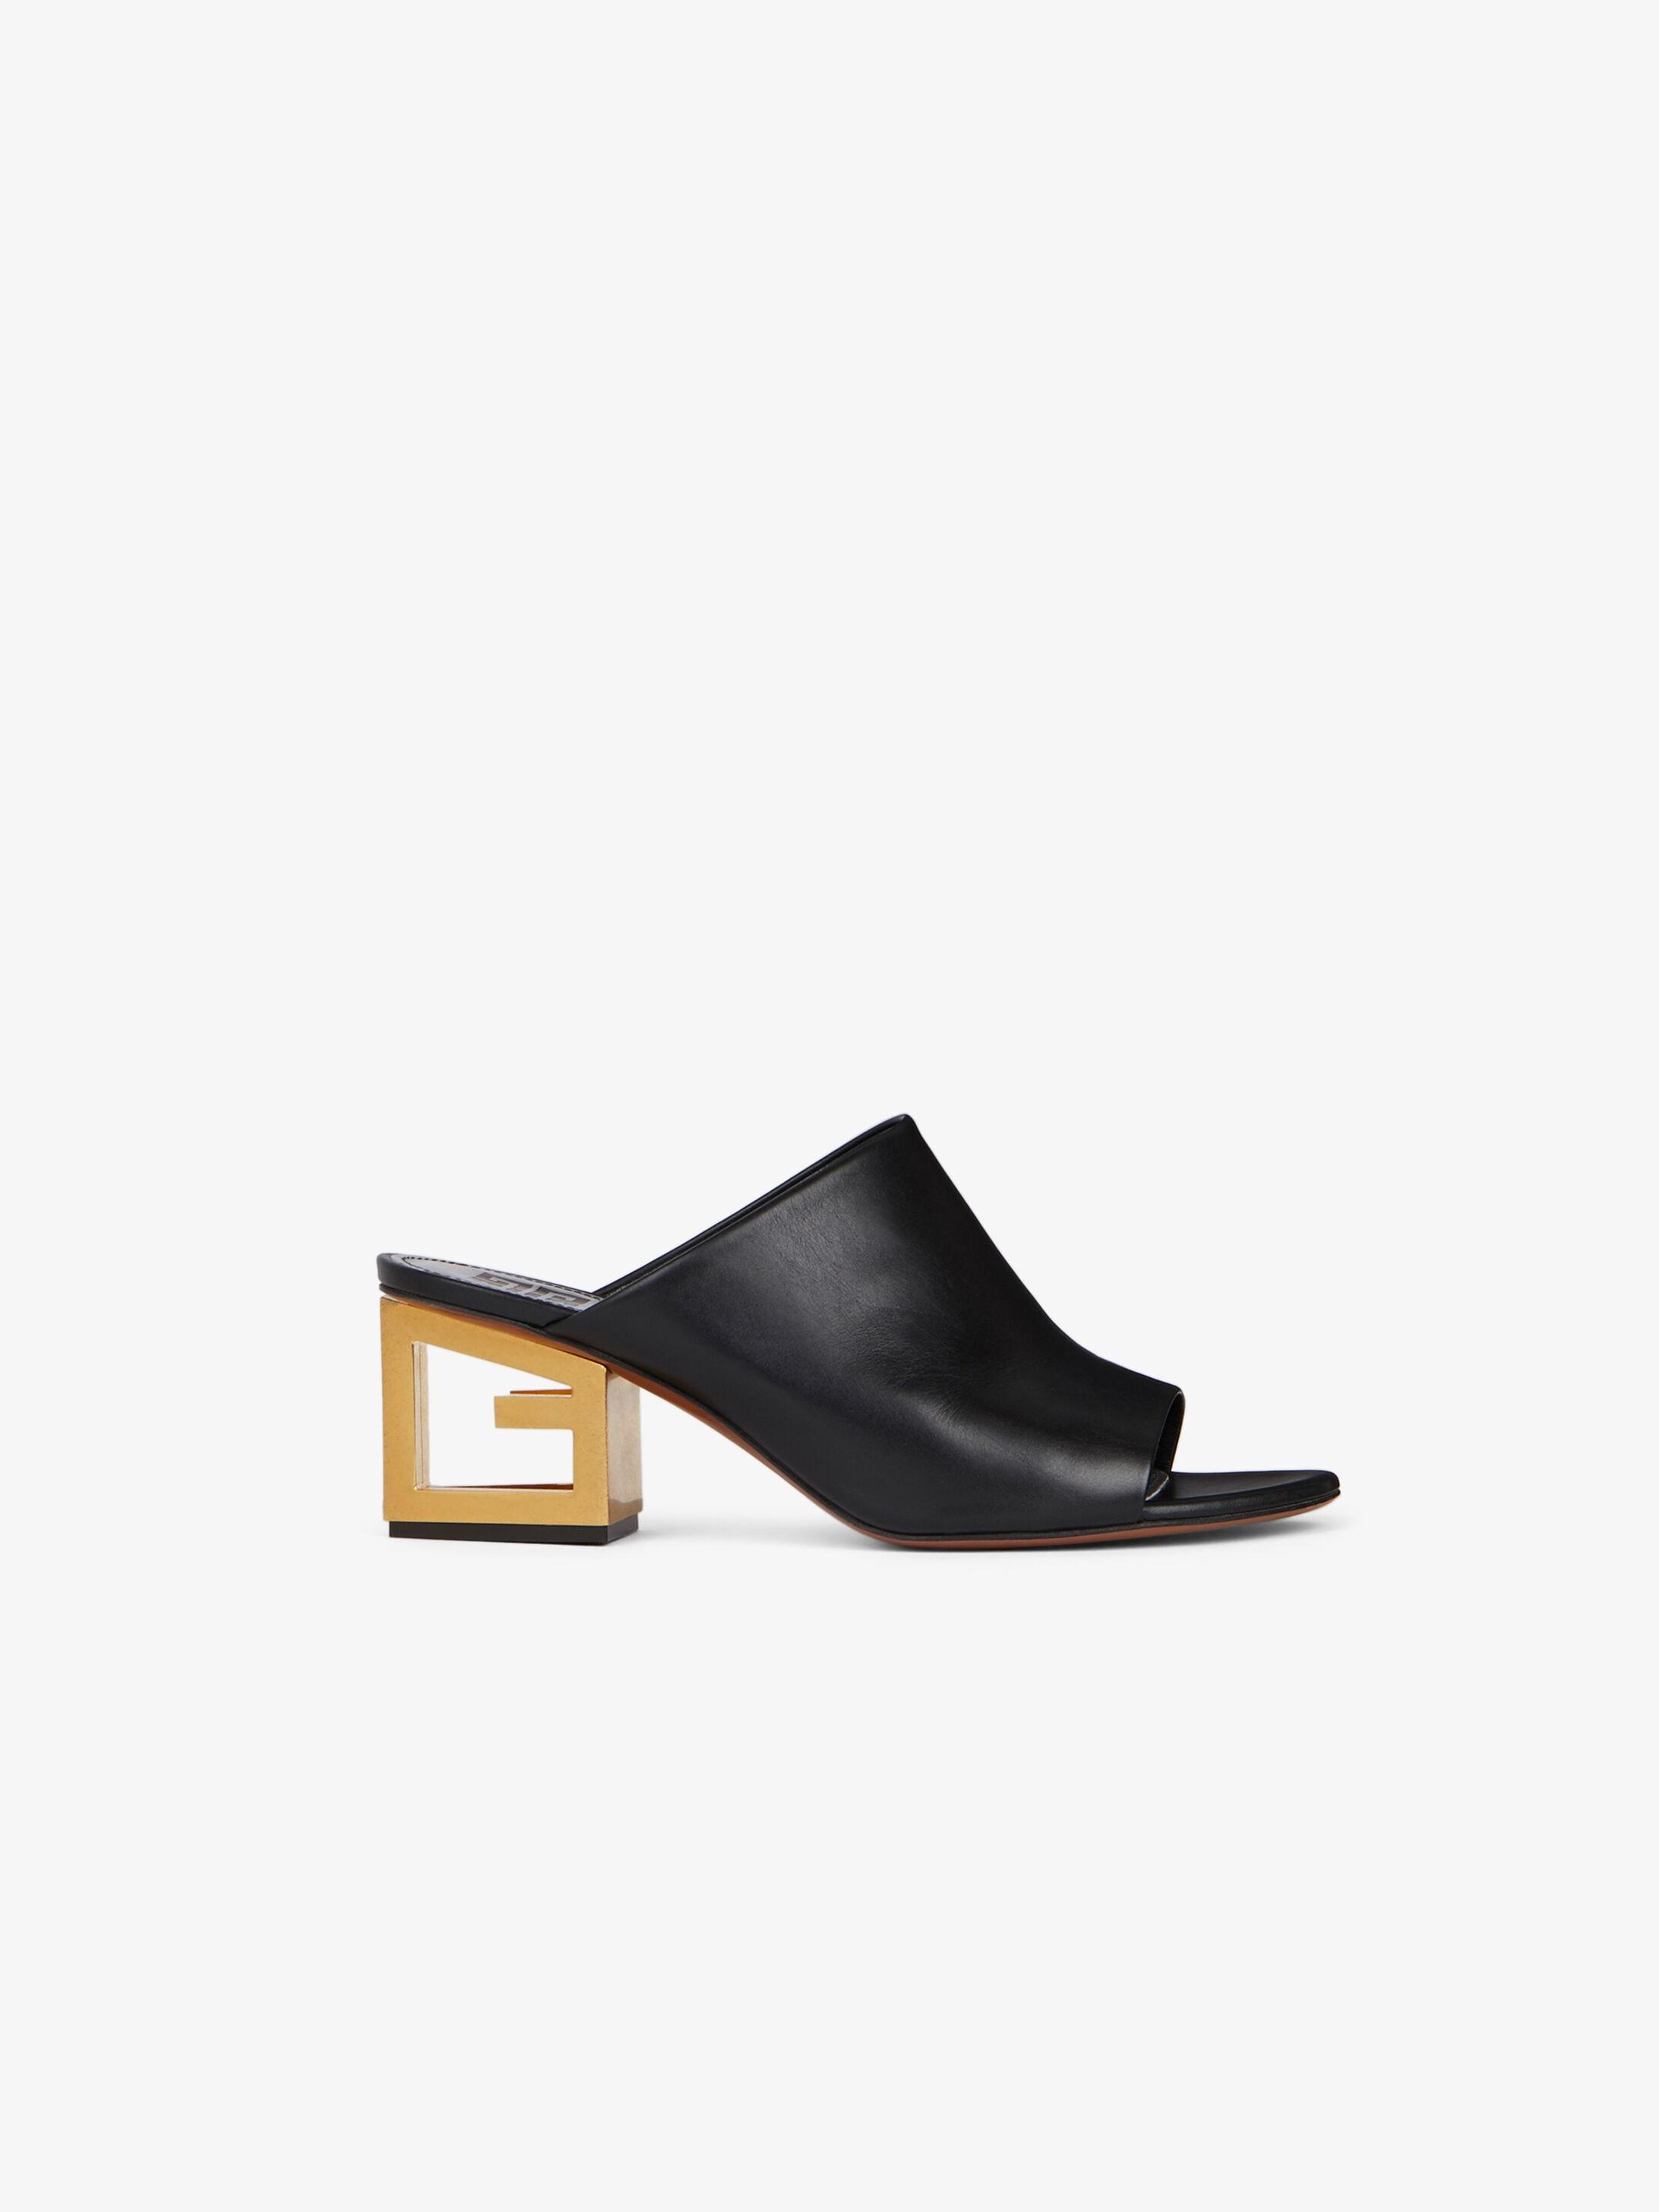 By And Women's Paris Sandals Collection GivenchyGivenchy Pumps J5F1cTulK3